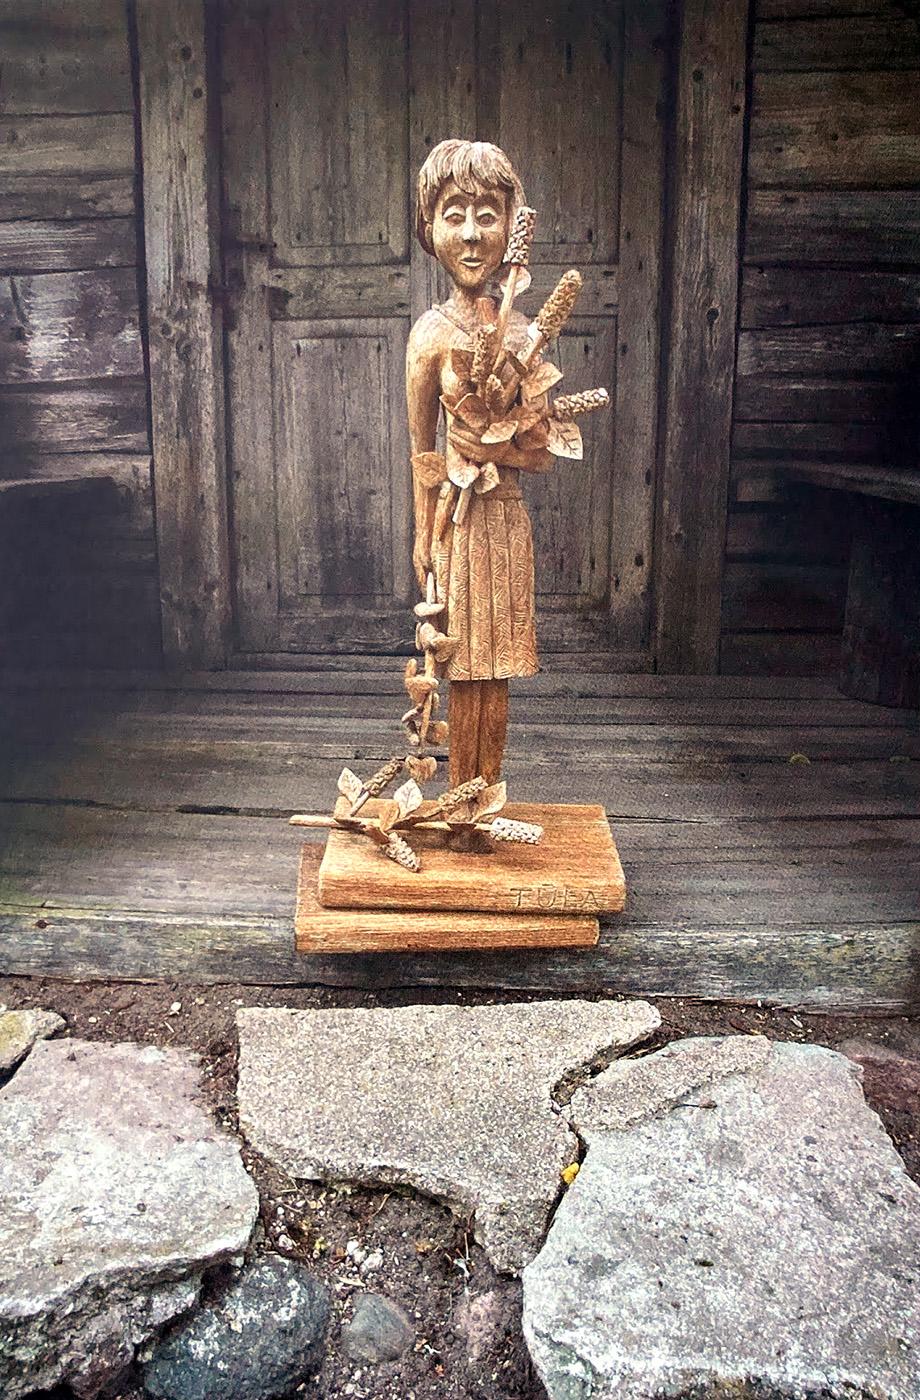 Mergaitės skulptūra prie medinių durų.